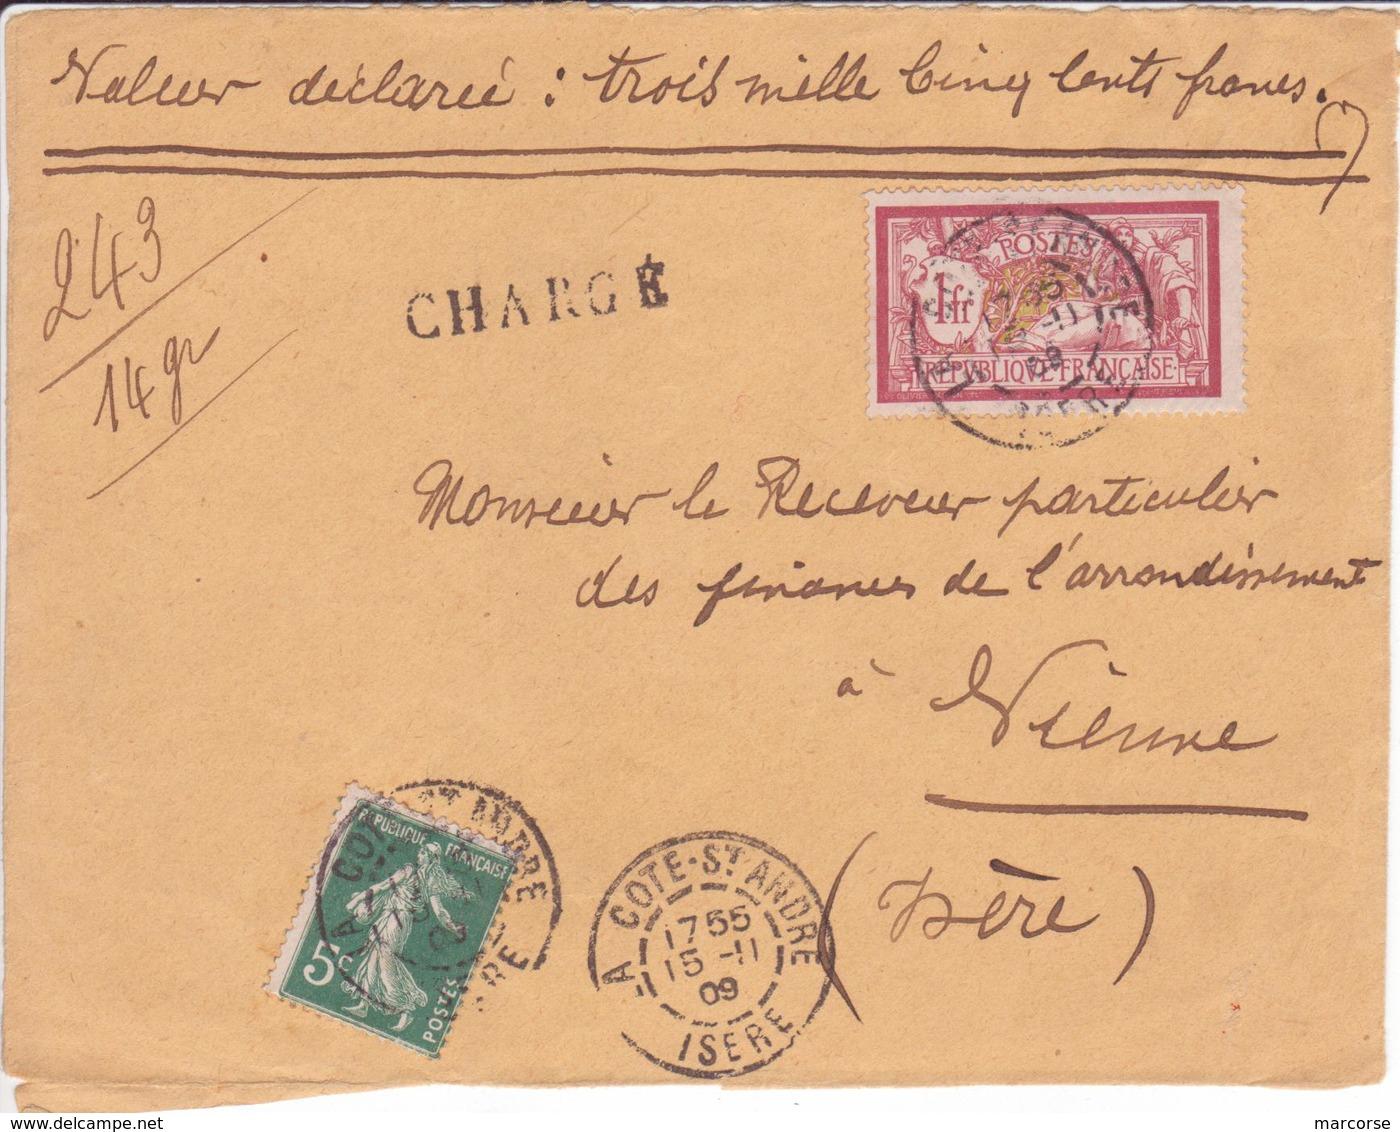 Devant De Lettre Chargée 15/11 1909 Dernier Jour Transition Sans Cachet Descriptif Chargement Ni étiquette Recommandé - 1877-1920: Semi-Moderne